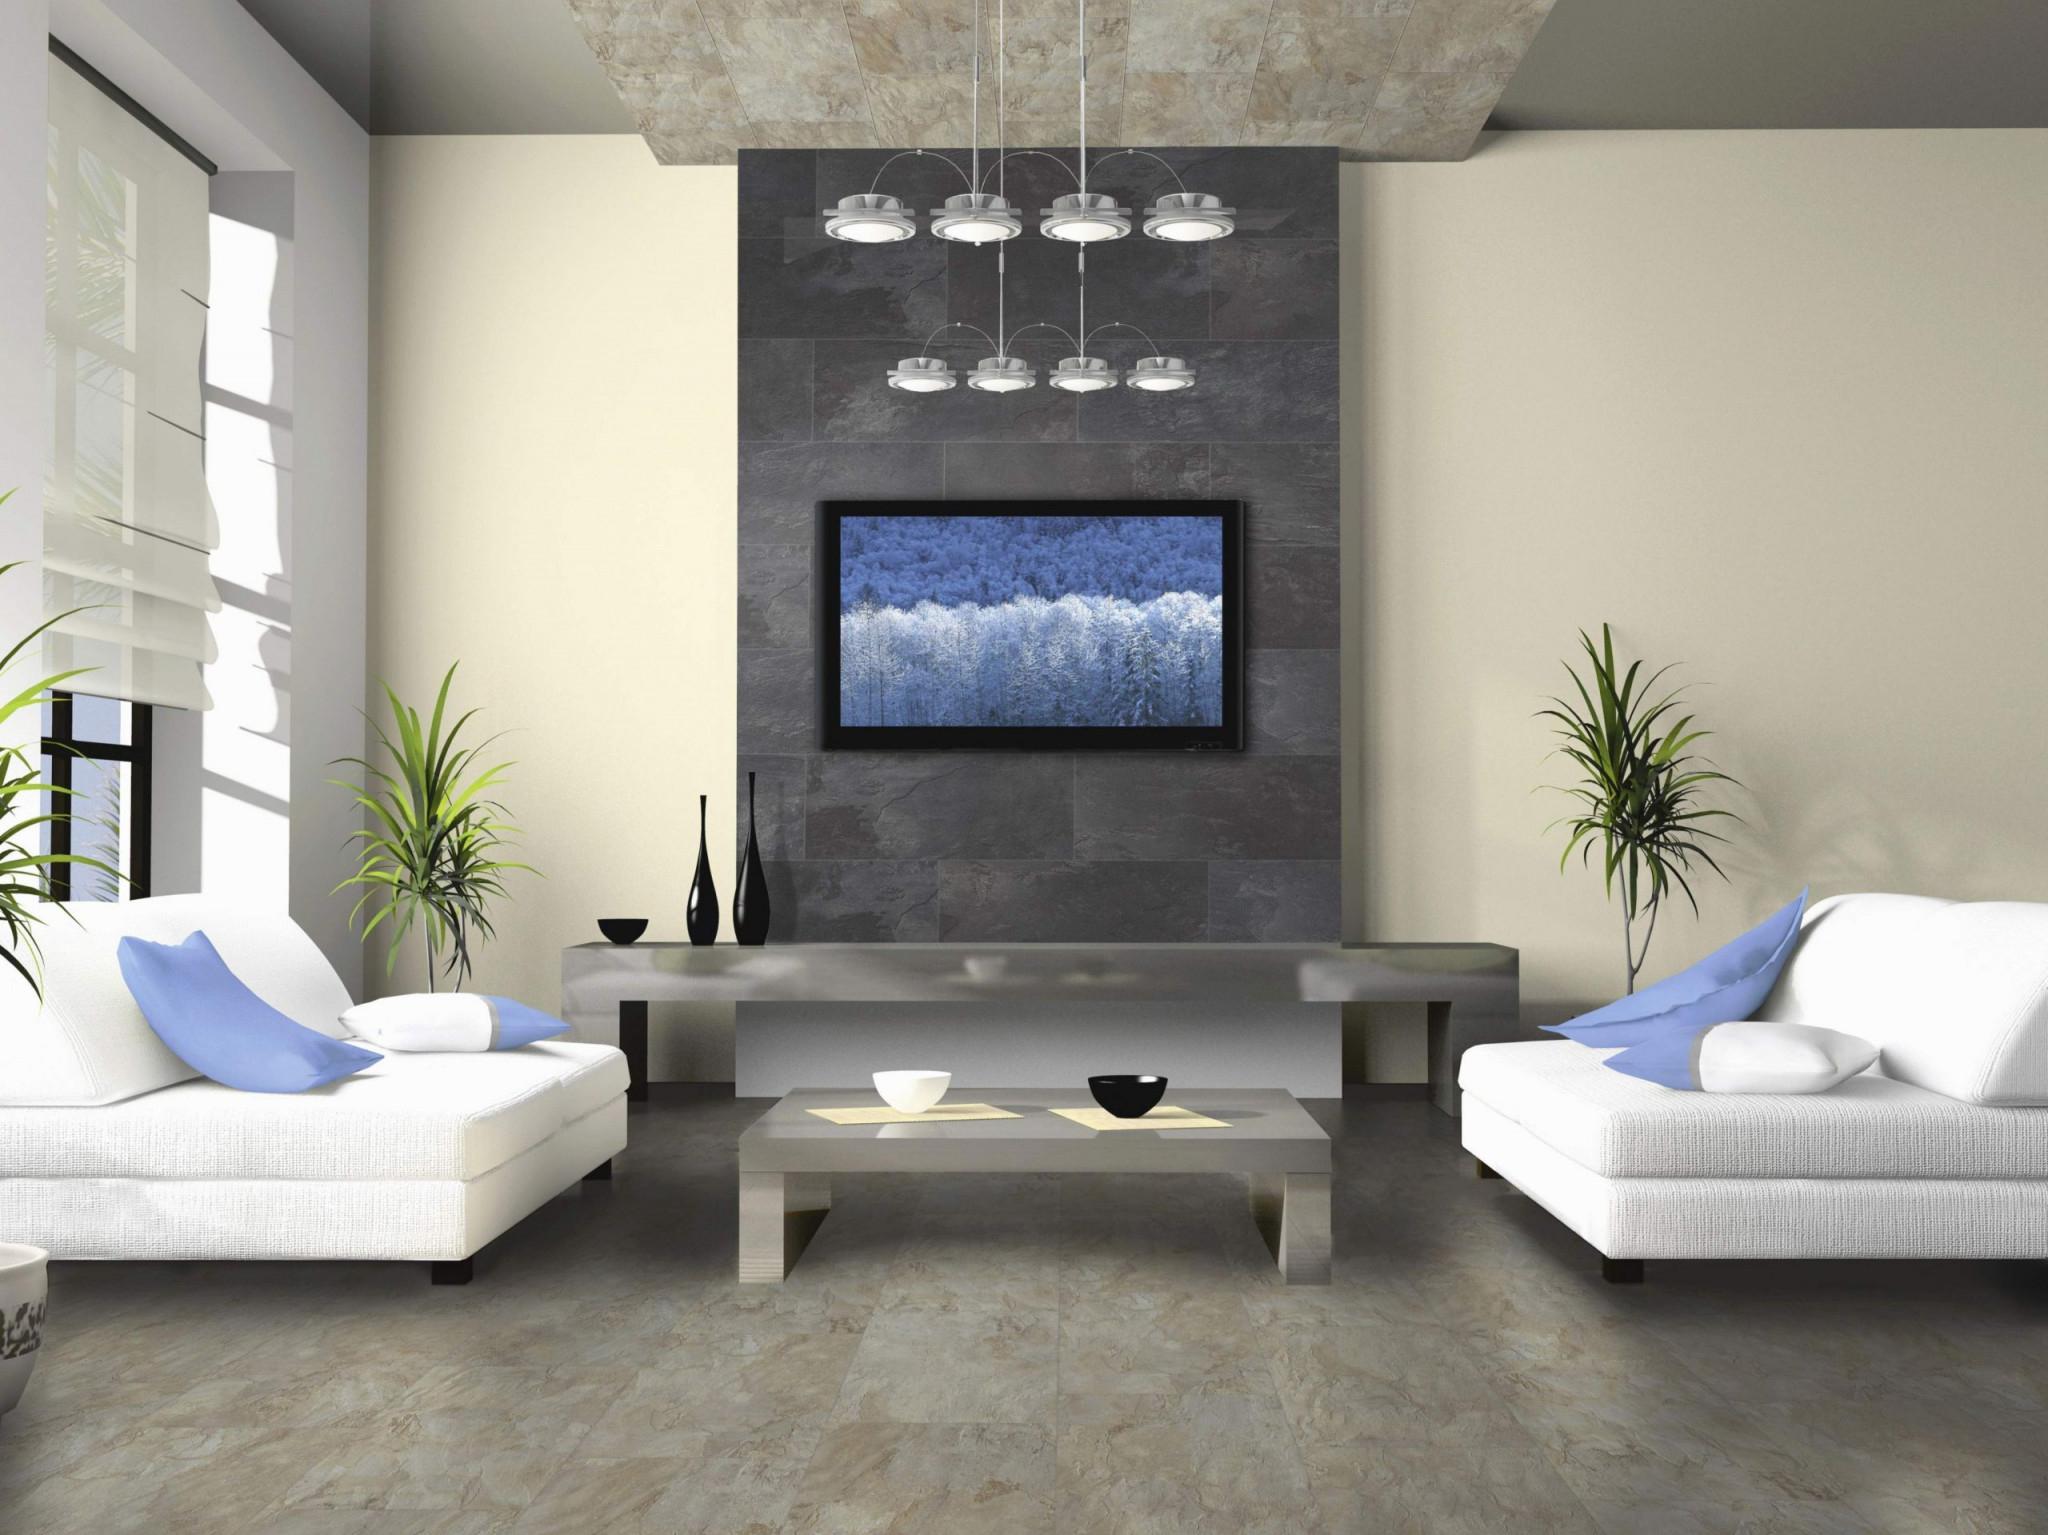 Xxl Wandbilder Wohnzimmer Luxus Deko Bilder Wohnzimmer Das von Deko Wandbilder Wohnzimmer Photo